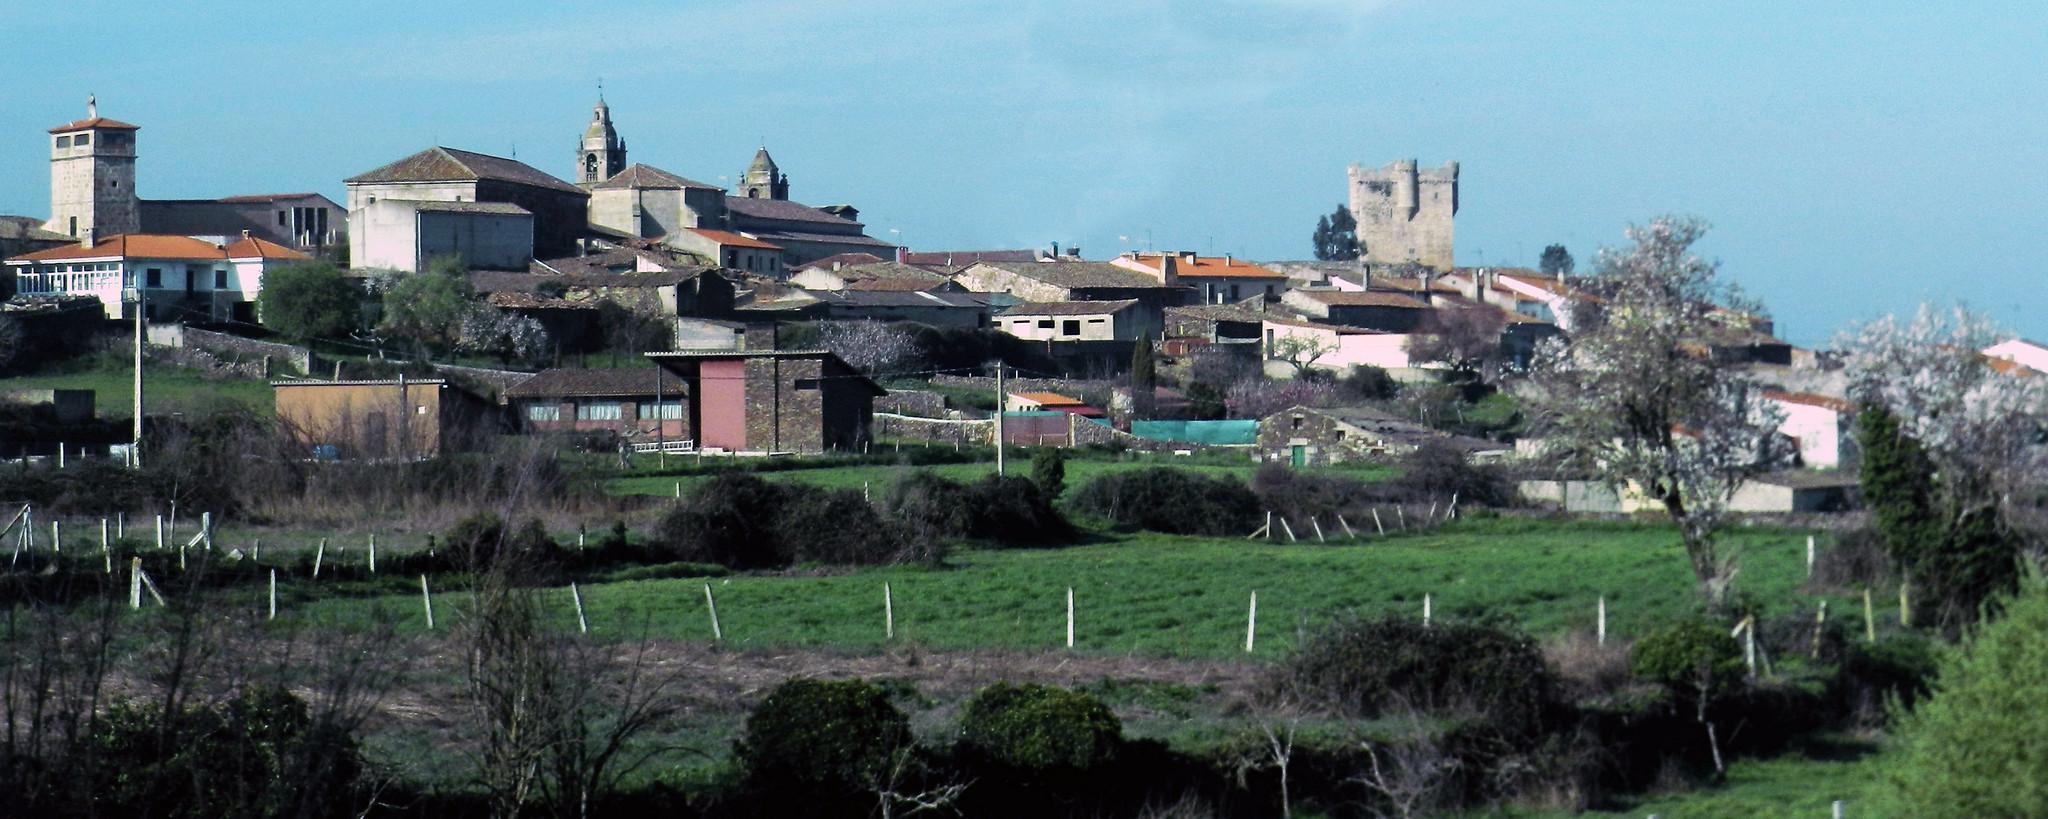 vista Municipio San Felices de los Gallegos Salamanca